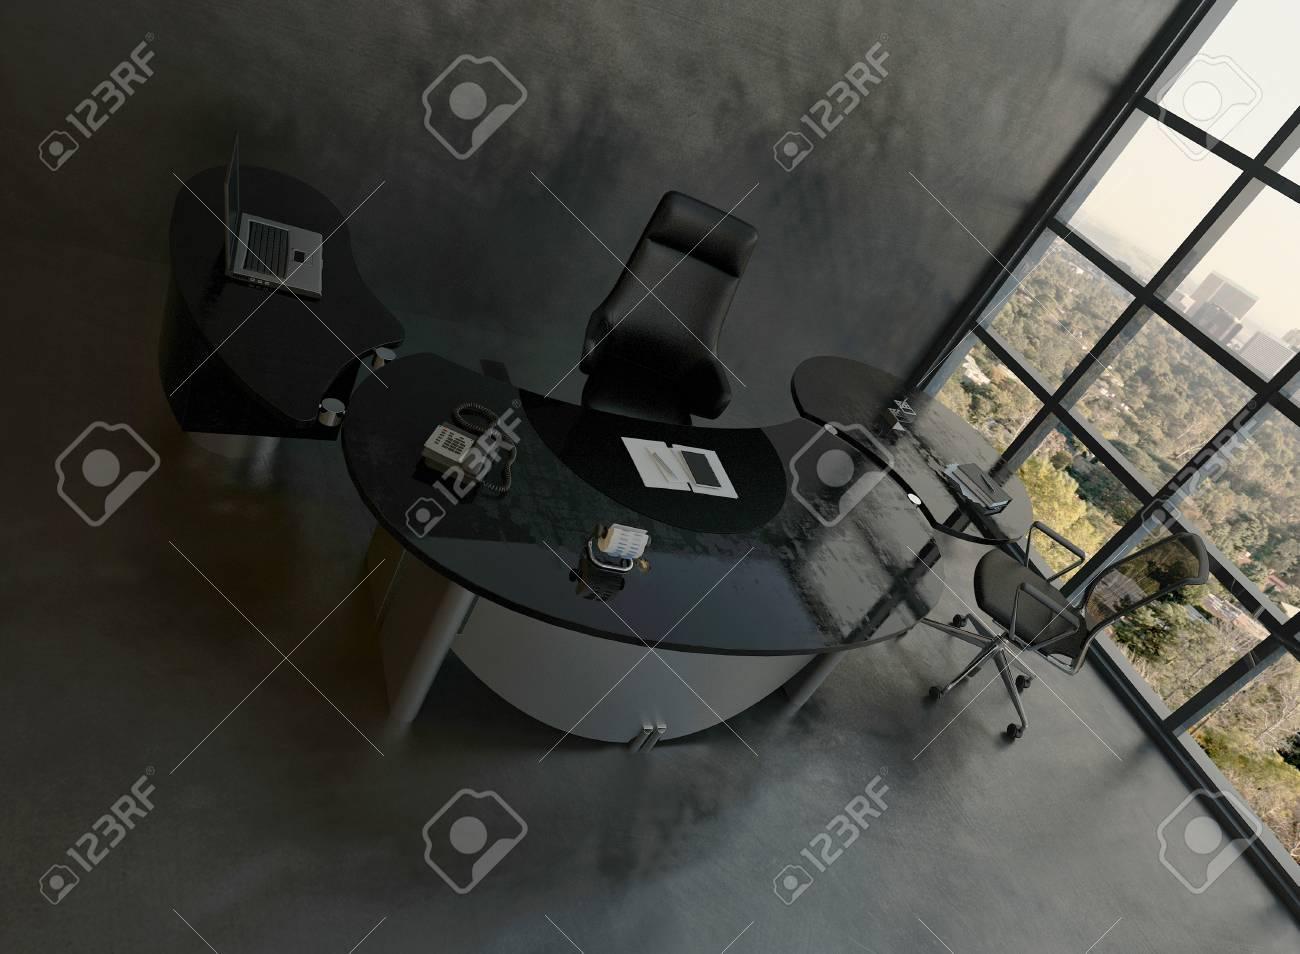 Moderner Buroinnenraum Mit Schwarzer Stuhl Und Schreibtisch Lizenzfreie Fotos Bilder Und Stock Fotografie Image 28885031